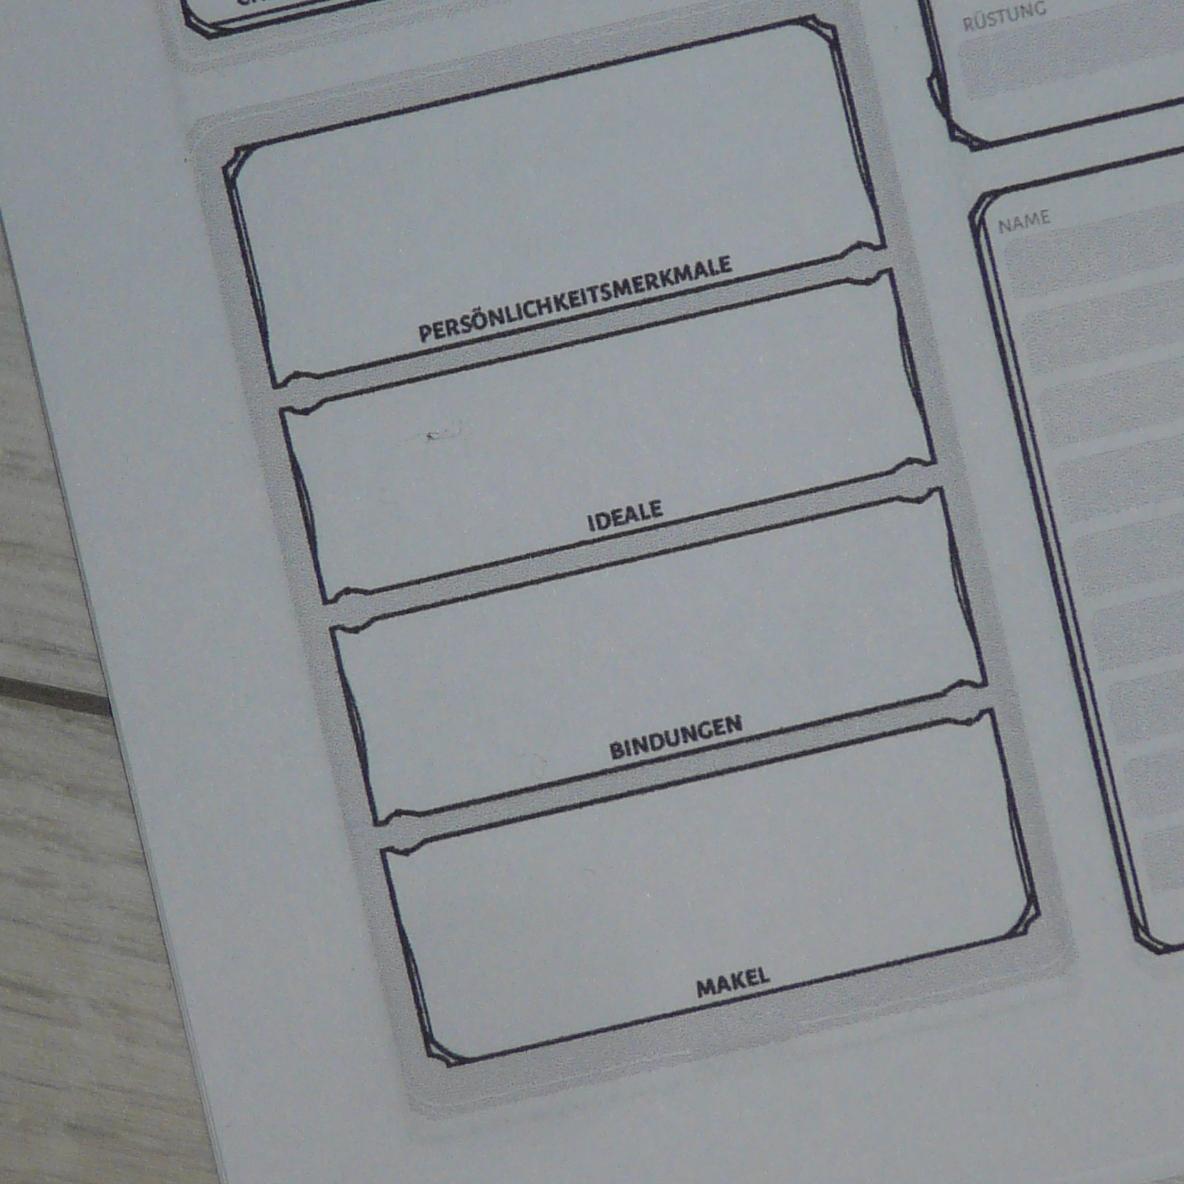 Ausschnitt des Charakterbogens mit Persönlichkeitsmerkmal, Ideal, Bindung und Makel